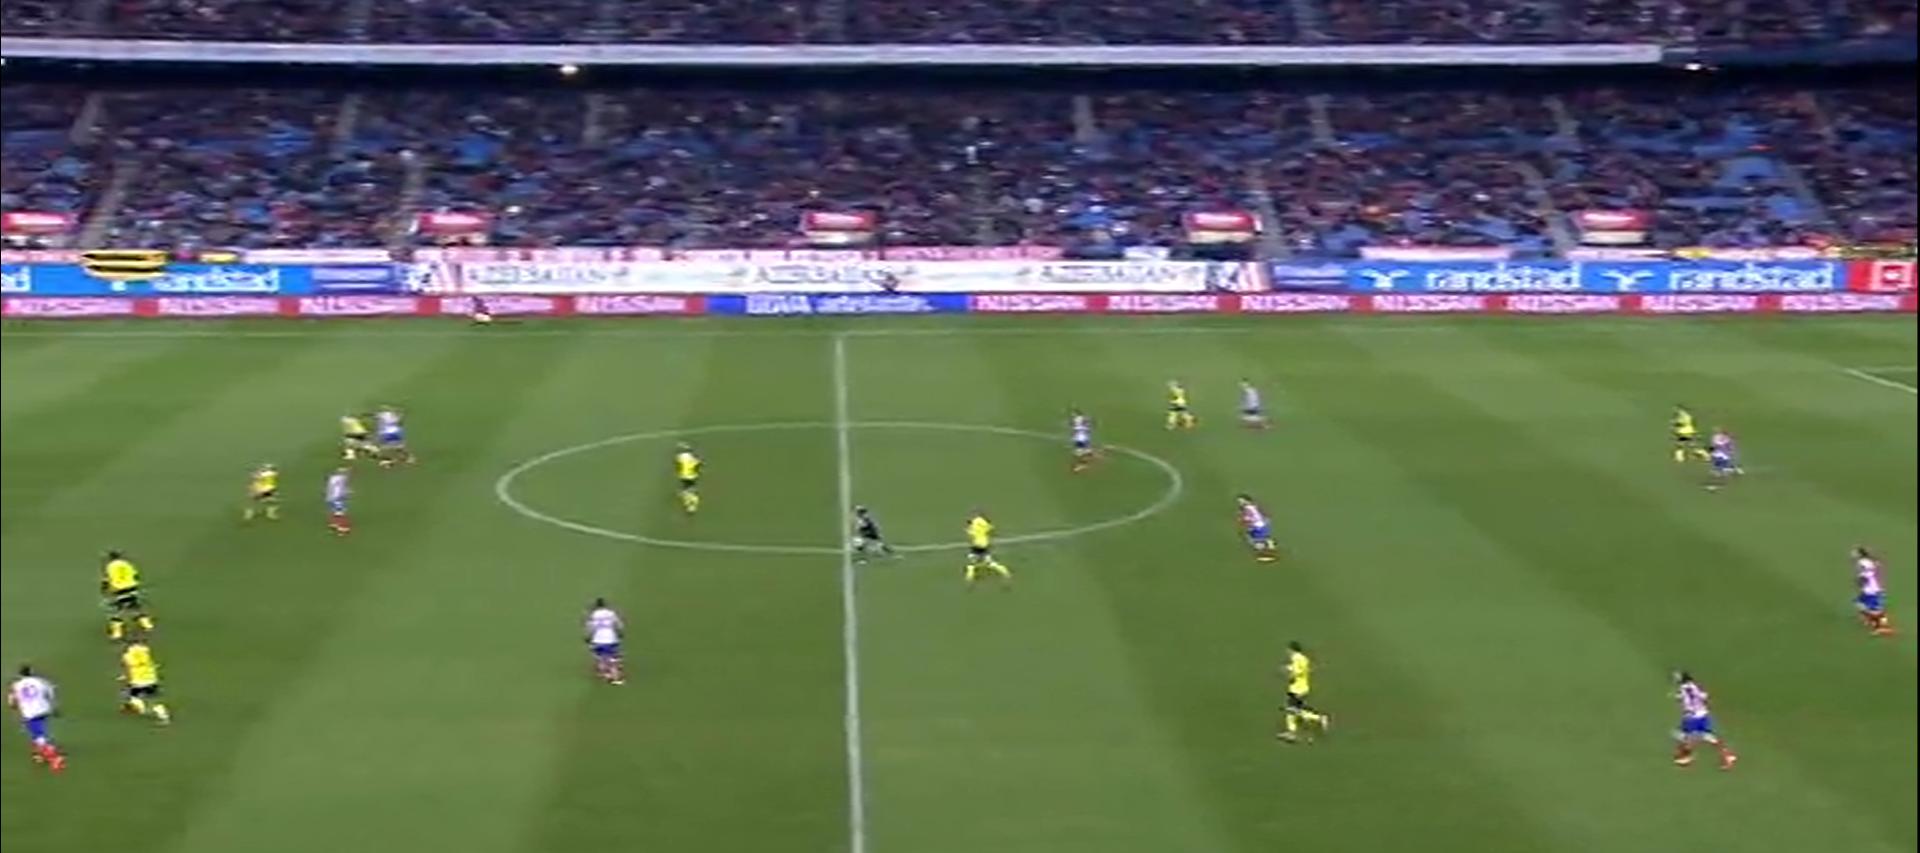 Sevilla presst im 4-1-3-2. Der rechte Stürmer hat den Torwart angelaufen, um den langen Ball zu provozieren.